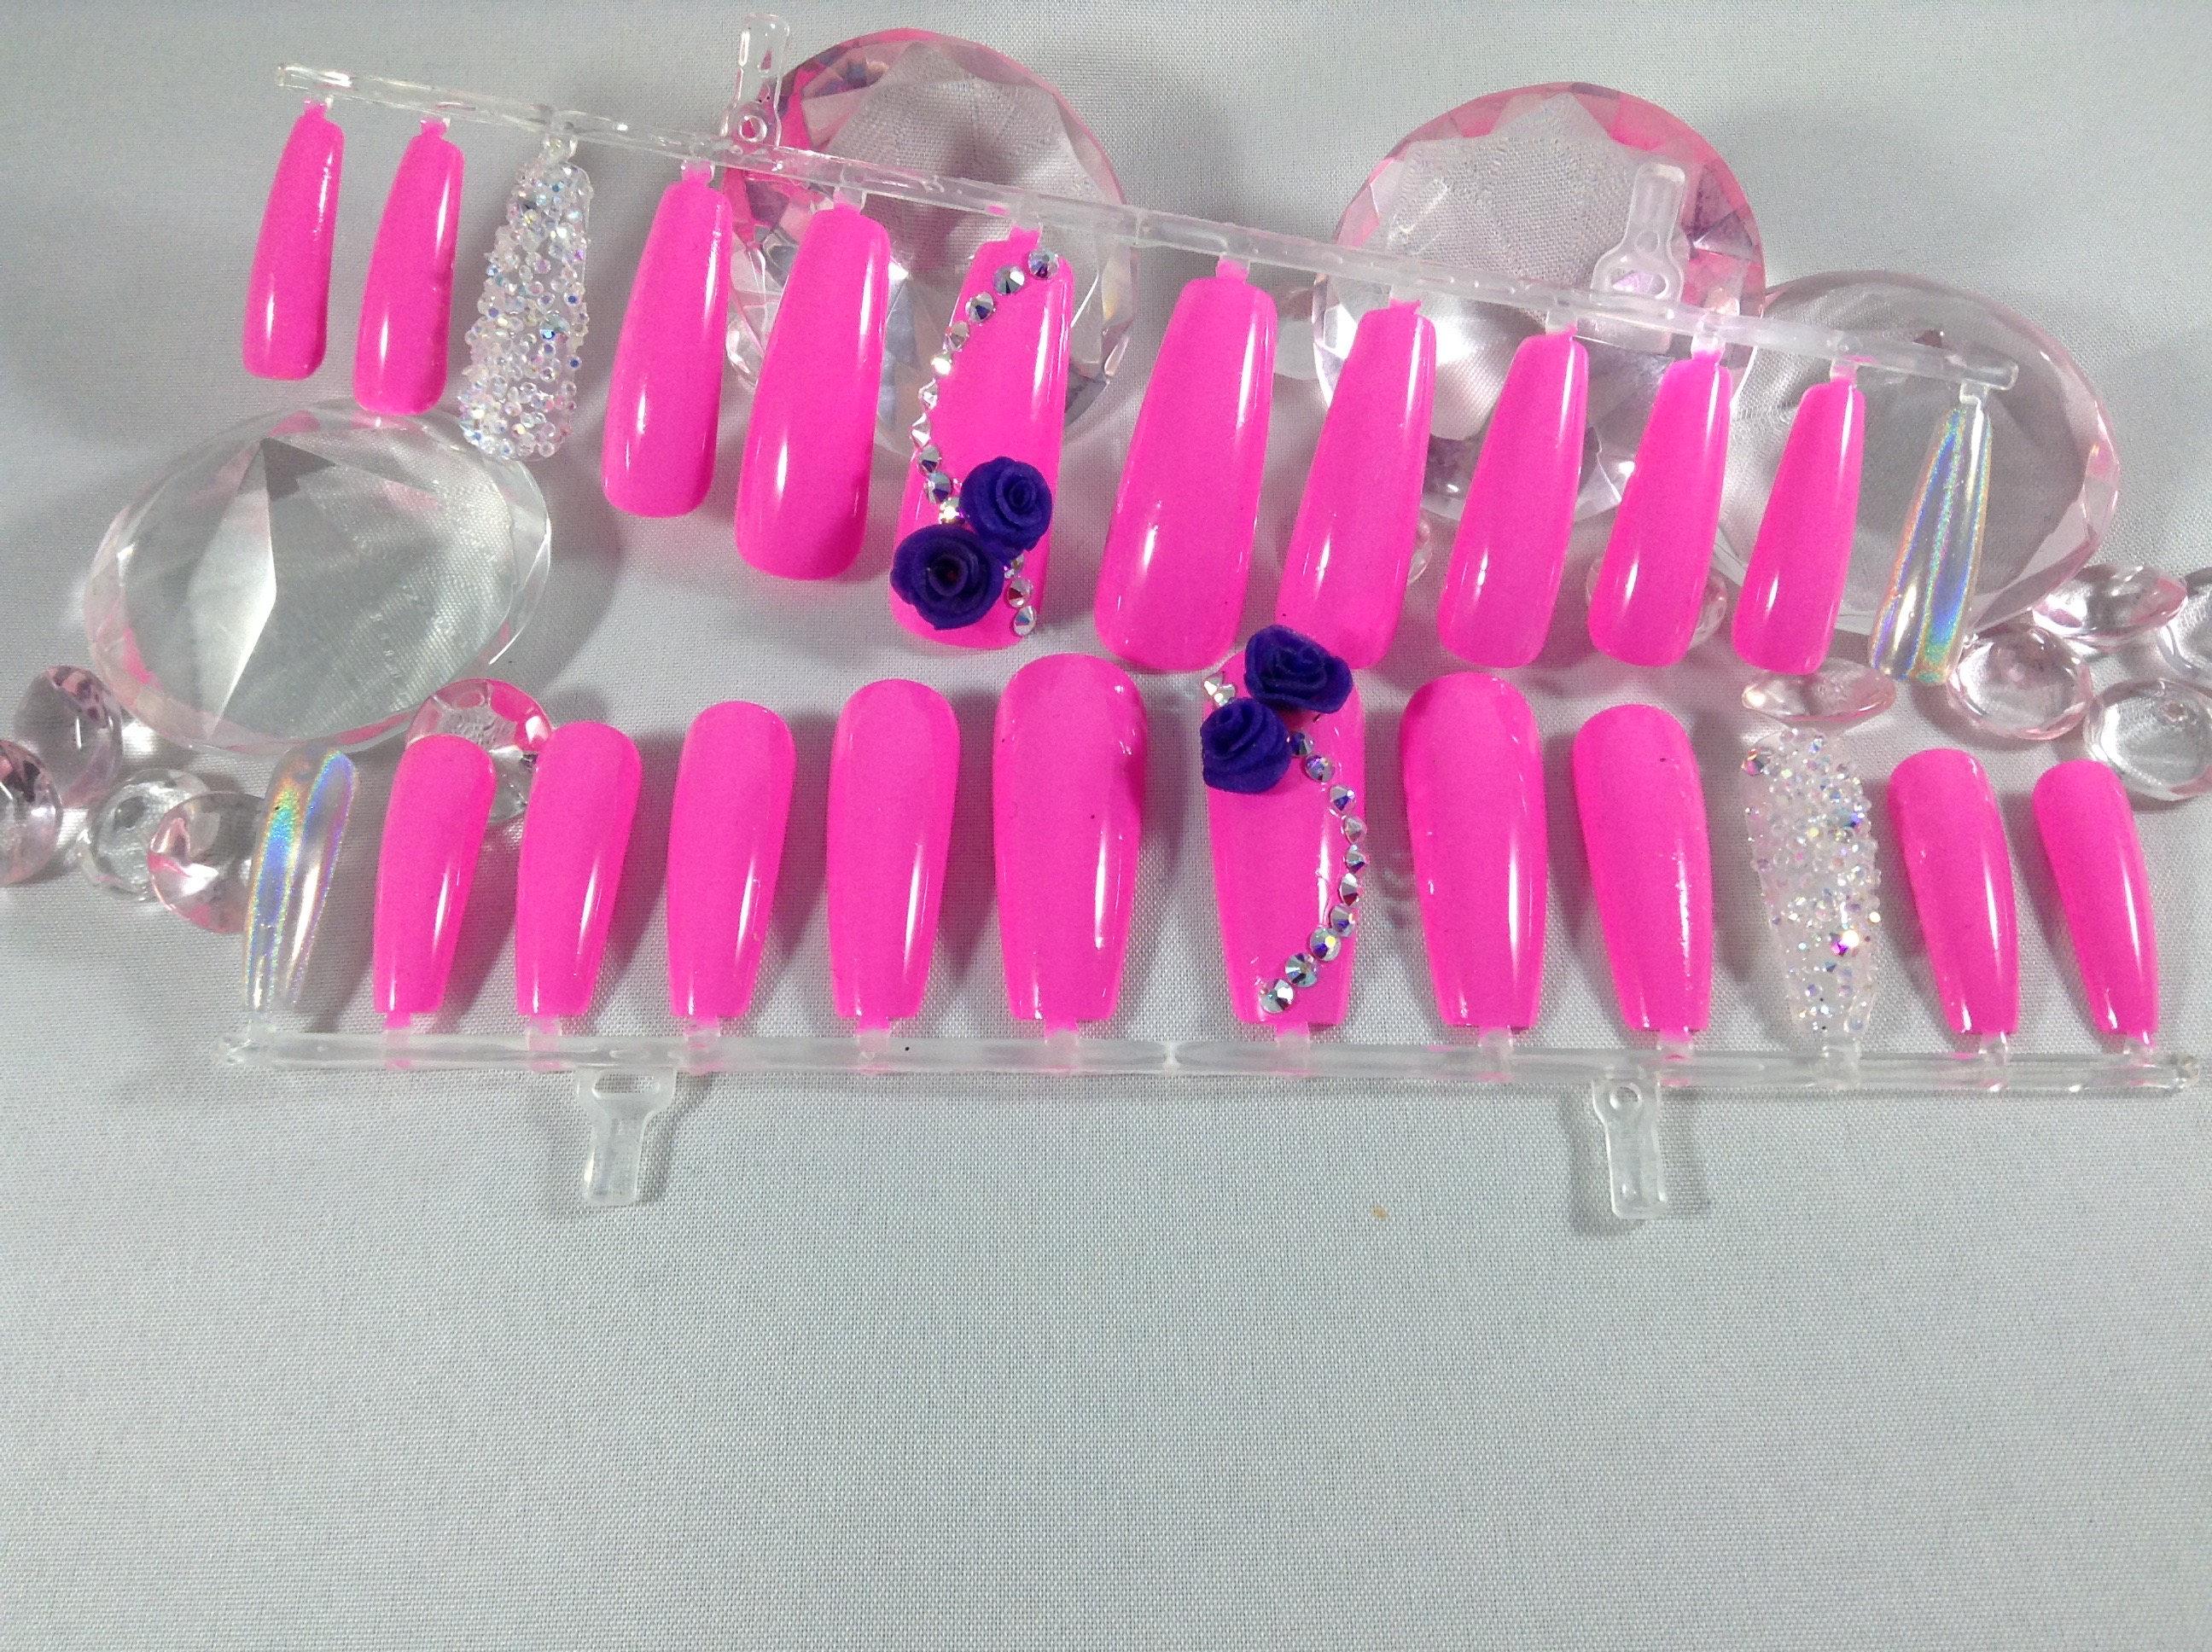 pink press on nails coffin nails 3d nails fake nail set | Etsy